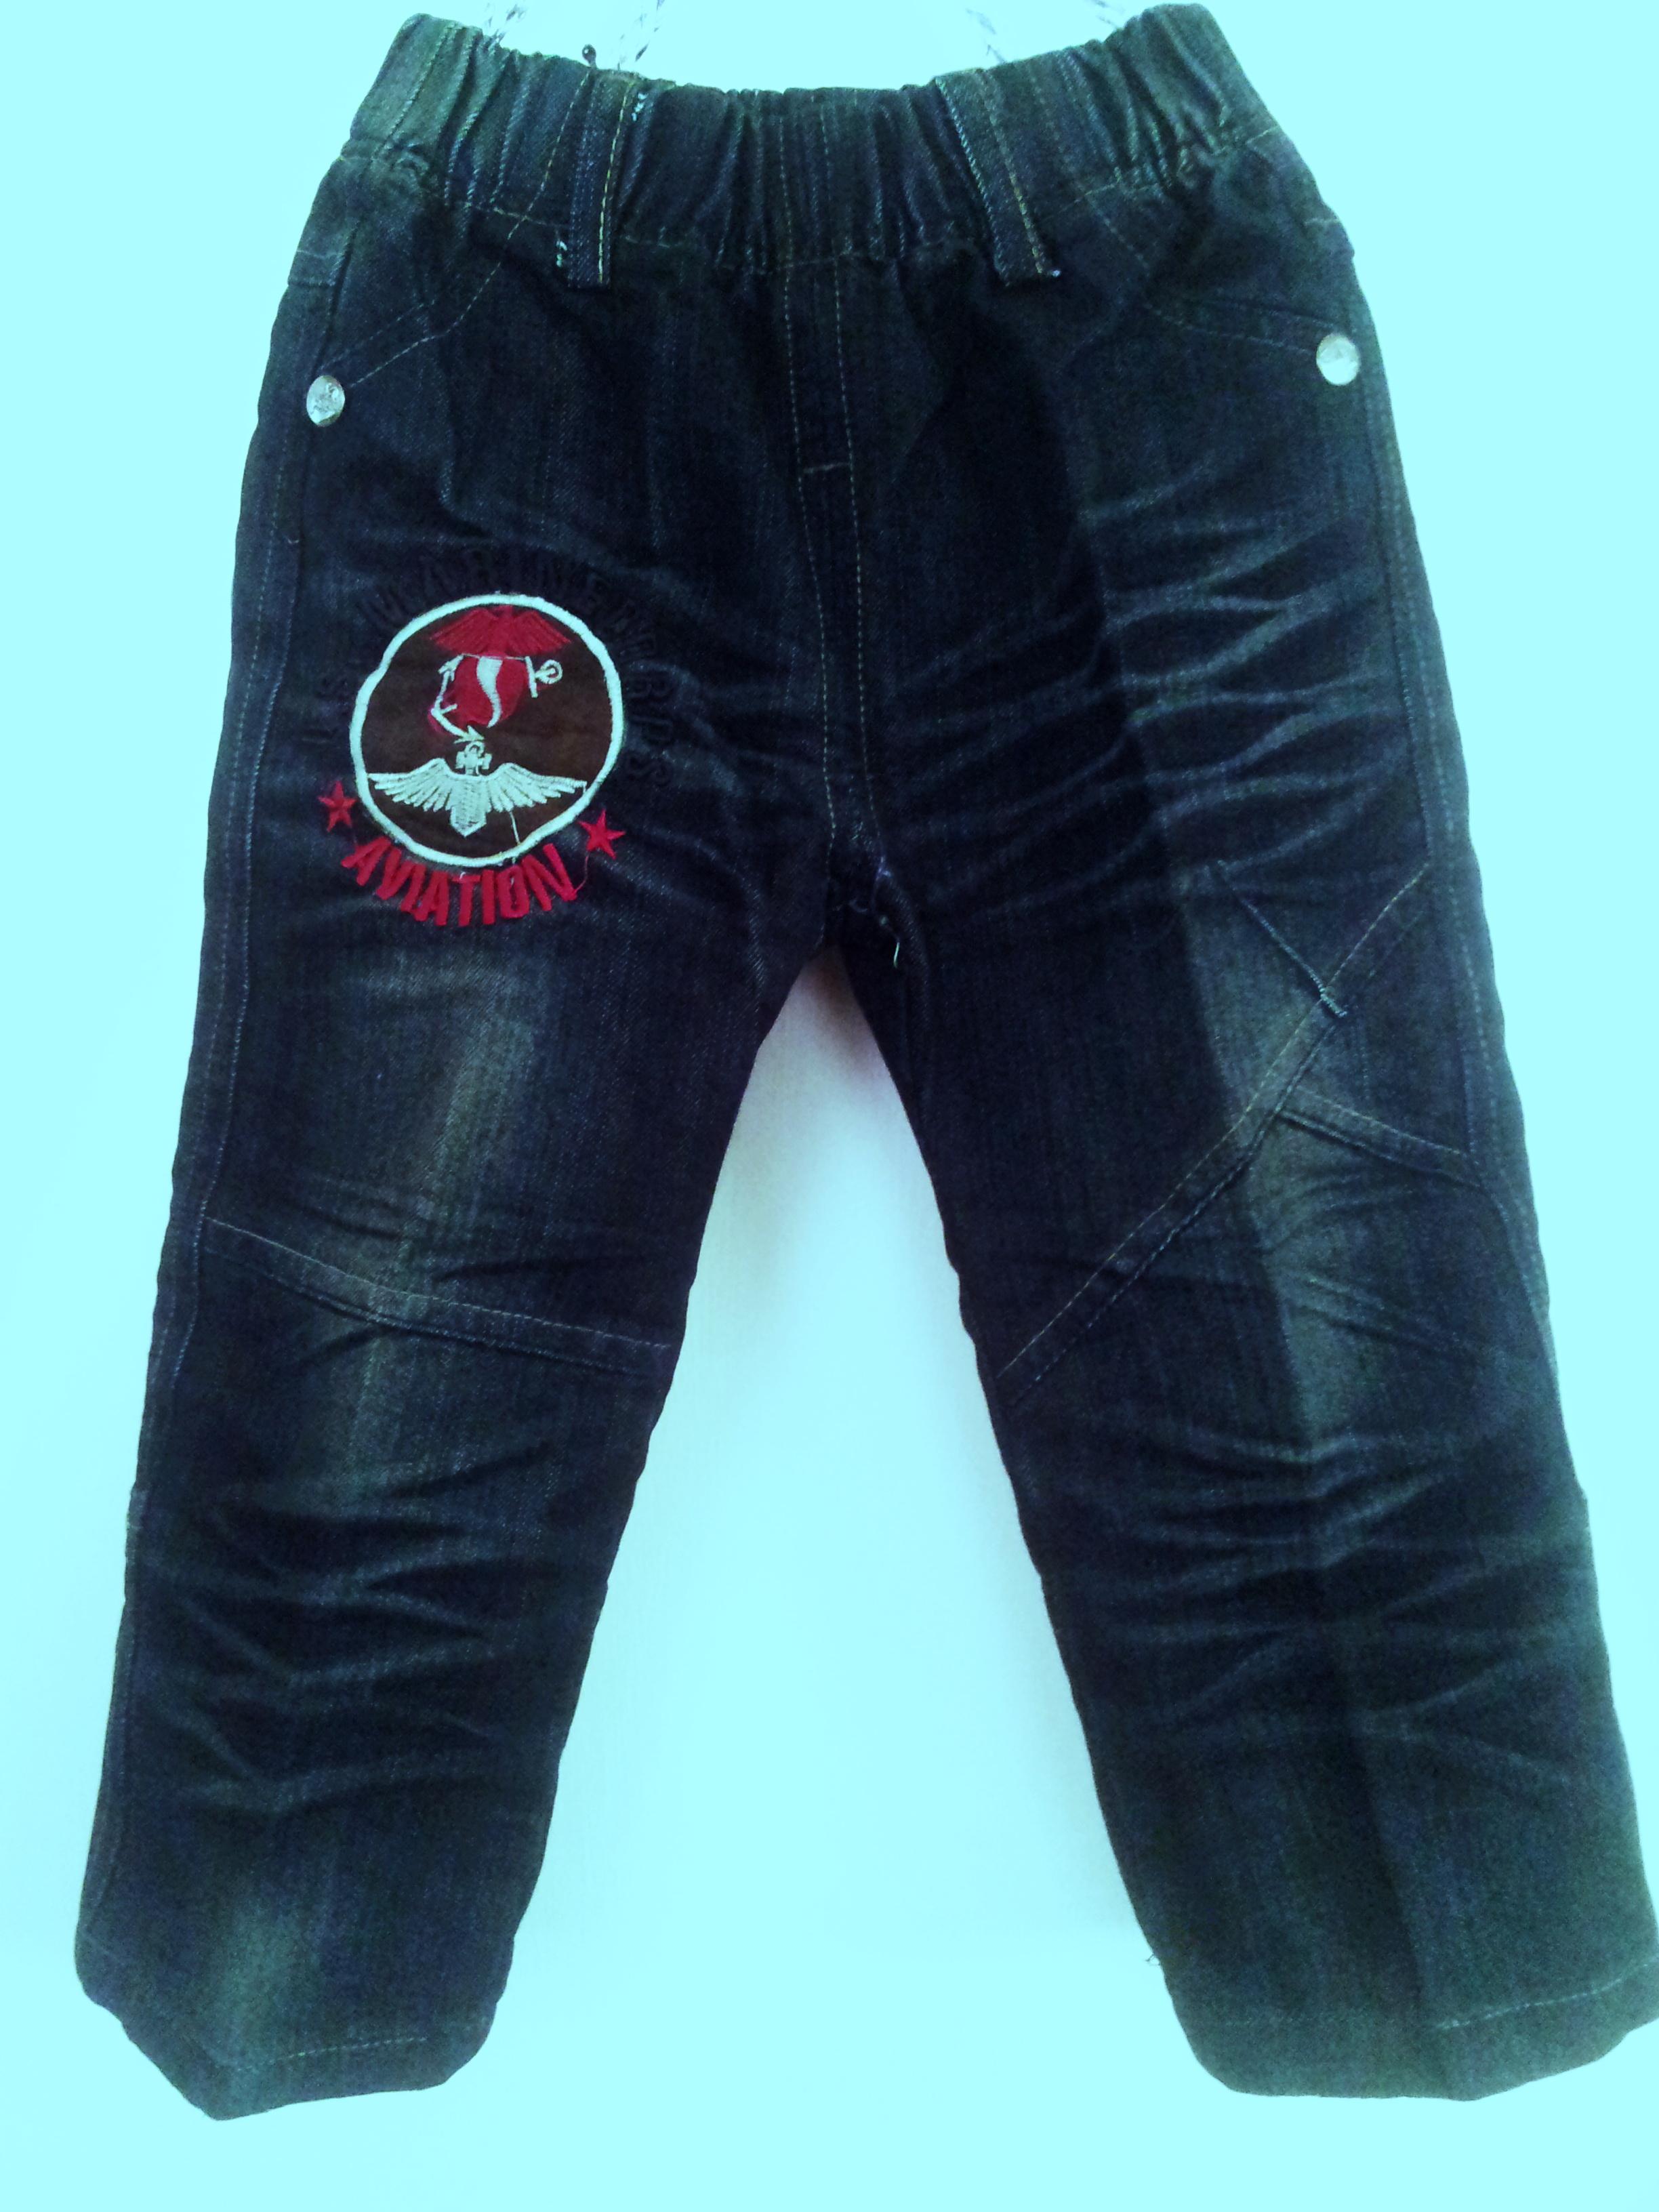 JD1211 กางเกงยีนส์เด็กชาย ดีไซส์ลายปักเท่ห์ทั้งด้านหน้า-หลัง เอวยางยืด Size 3-5 ขวบ ขายปลีกในราคาส่งให้เลยจ้า